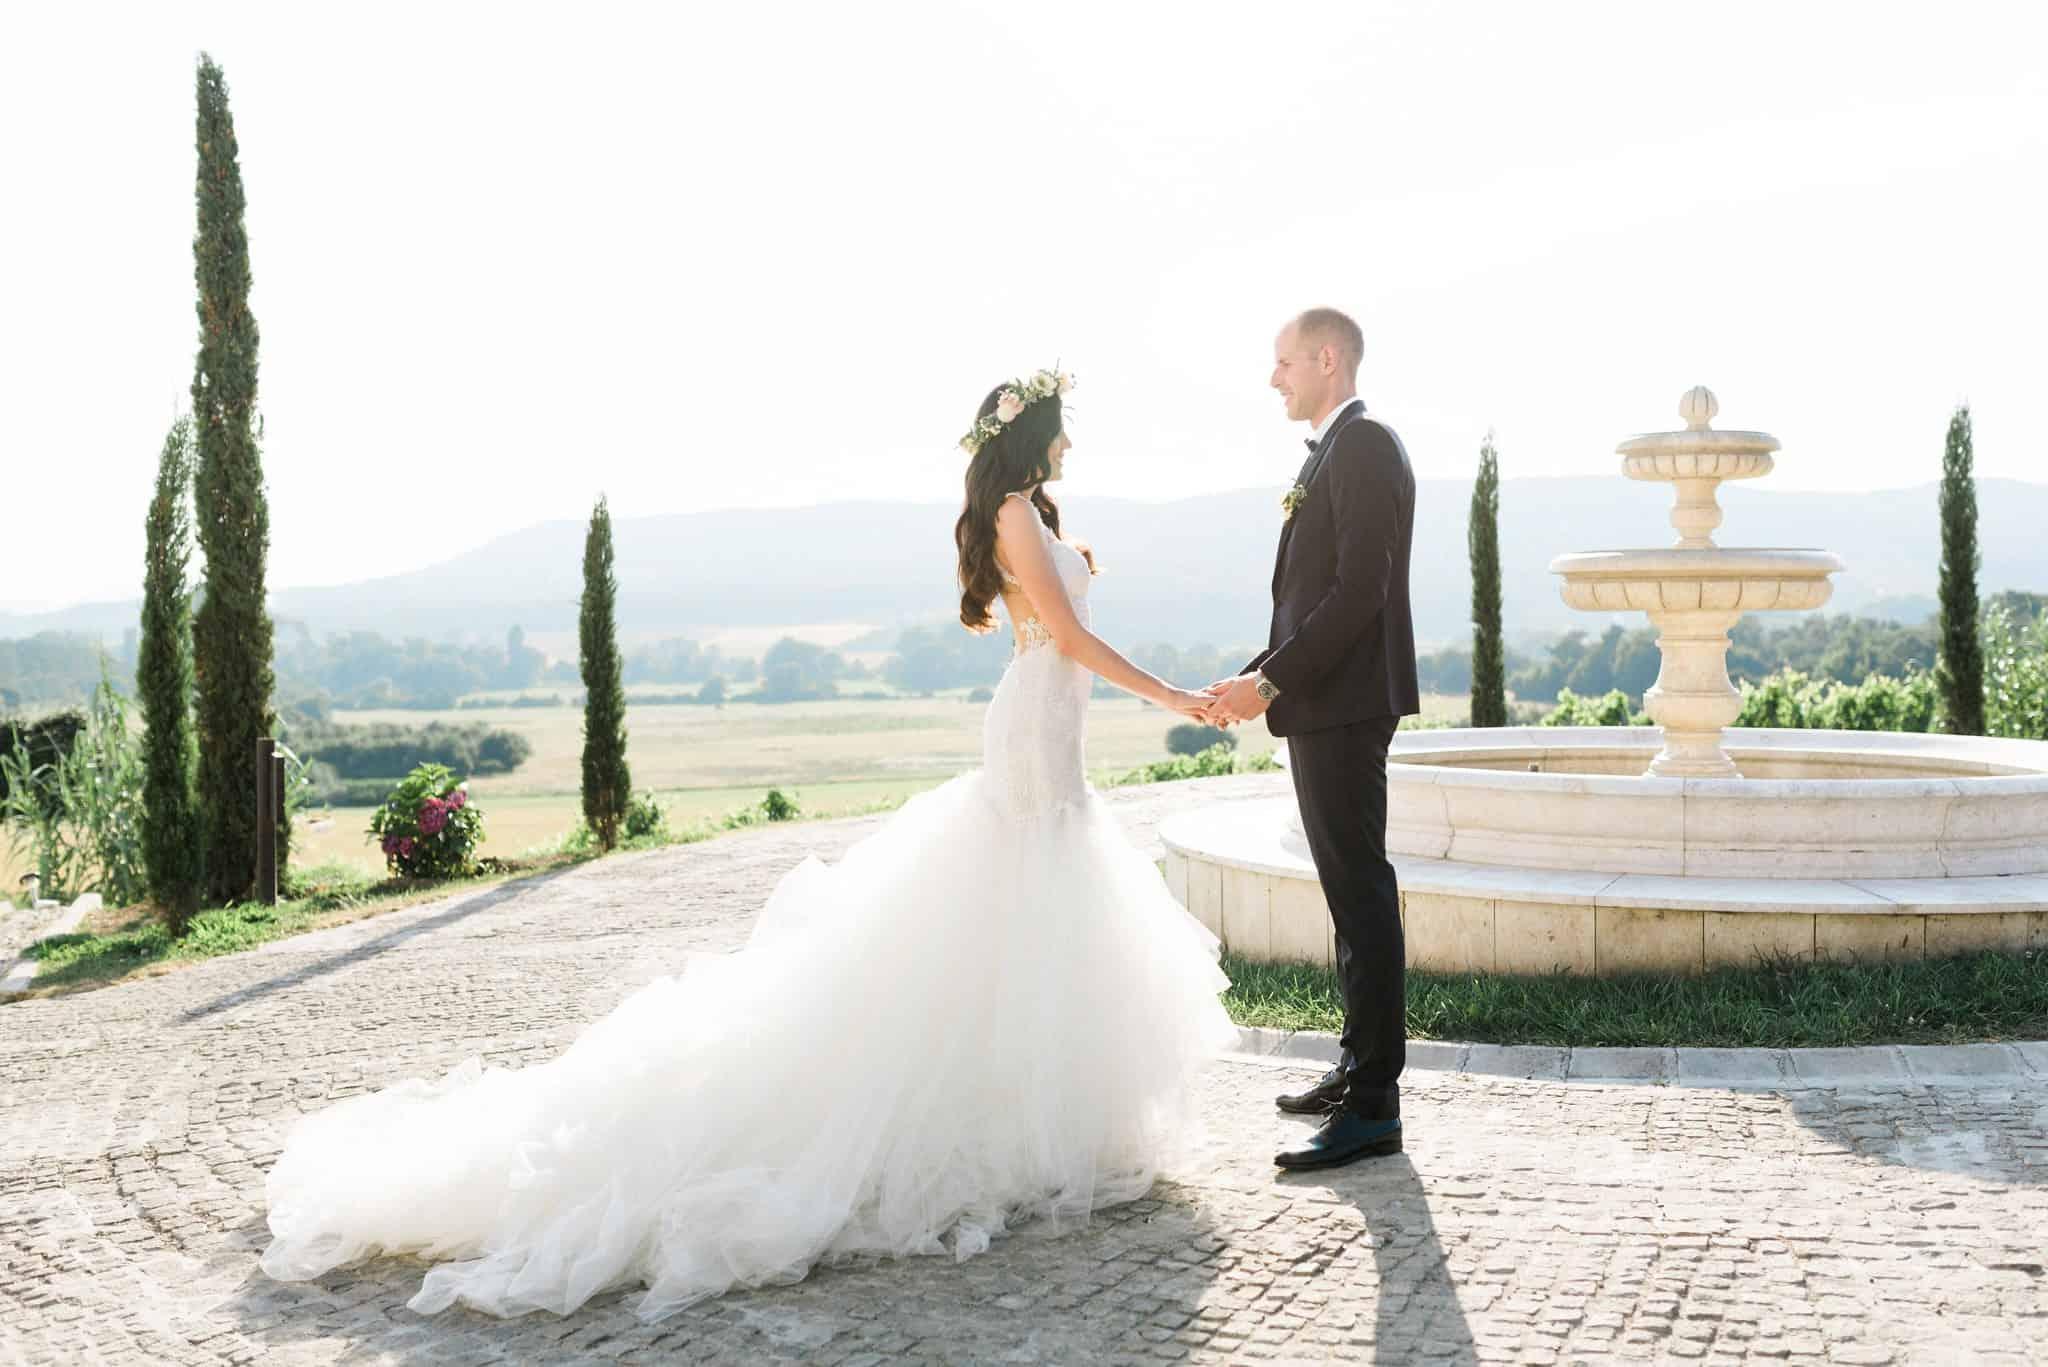 Wedoverhills_Prewedding_Fineart_Wedding_Photographer_0007